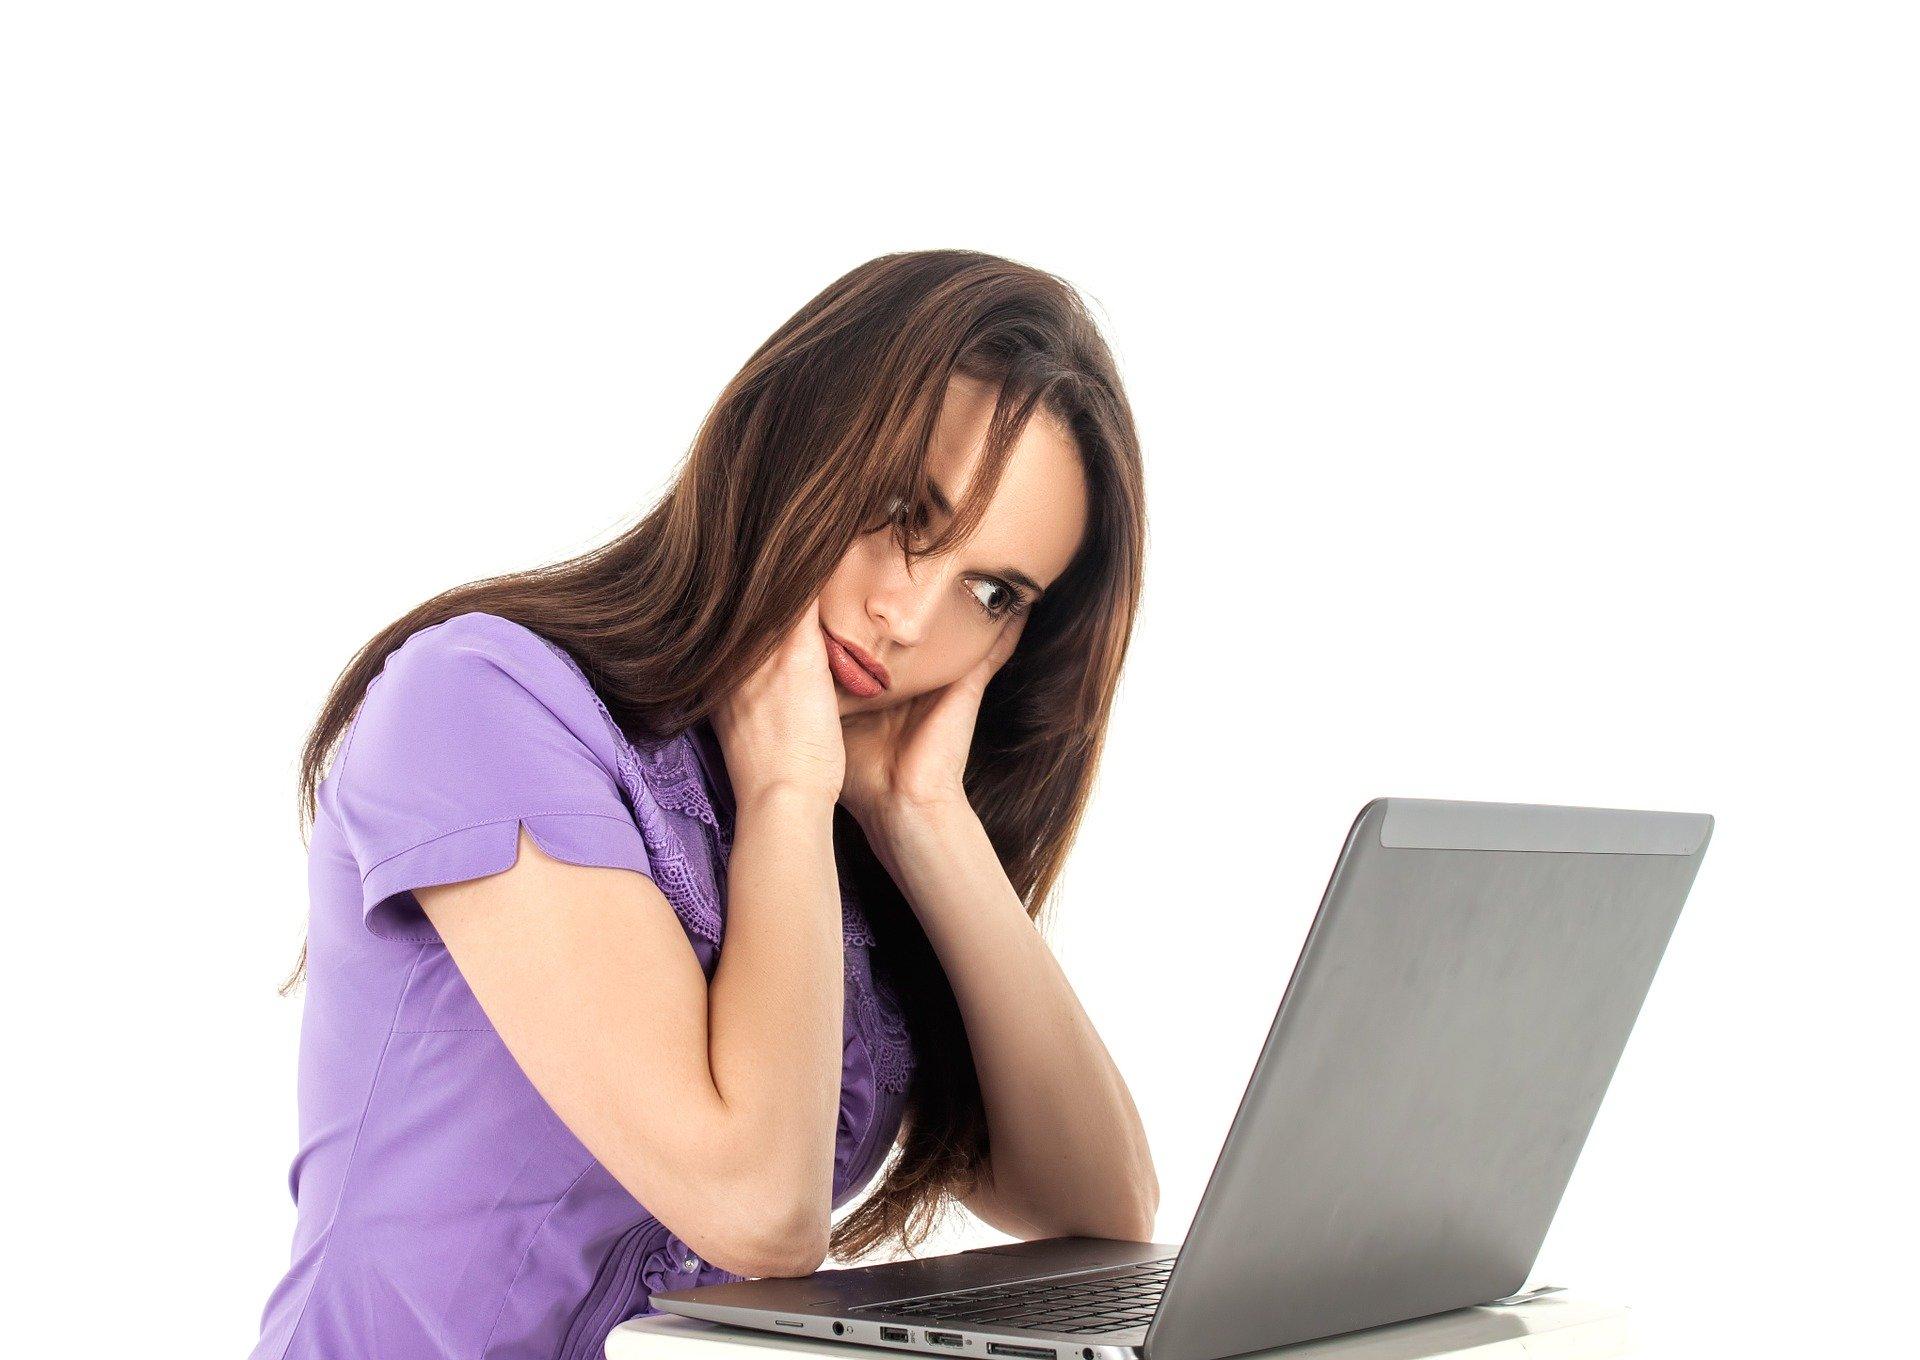 Tired woman at computer. Image credit: Pixabay